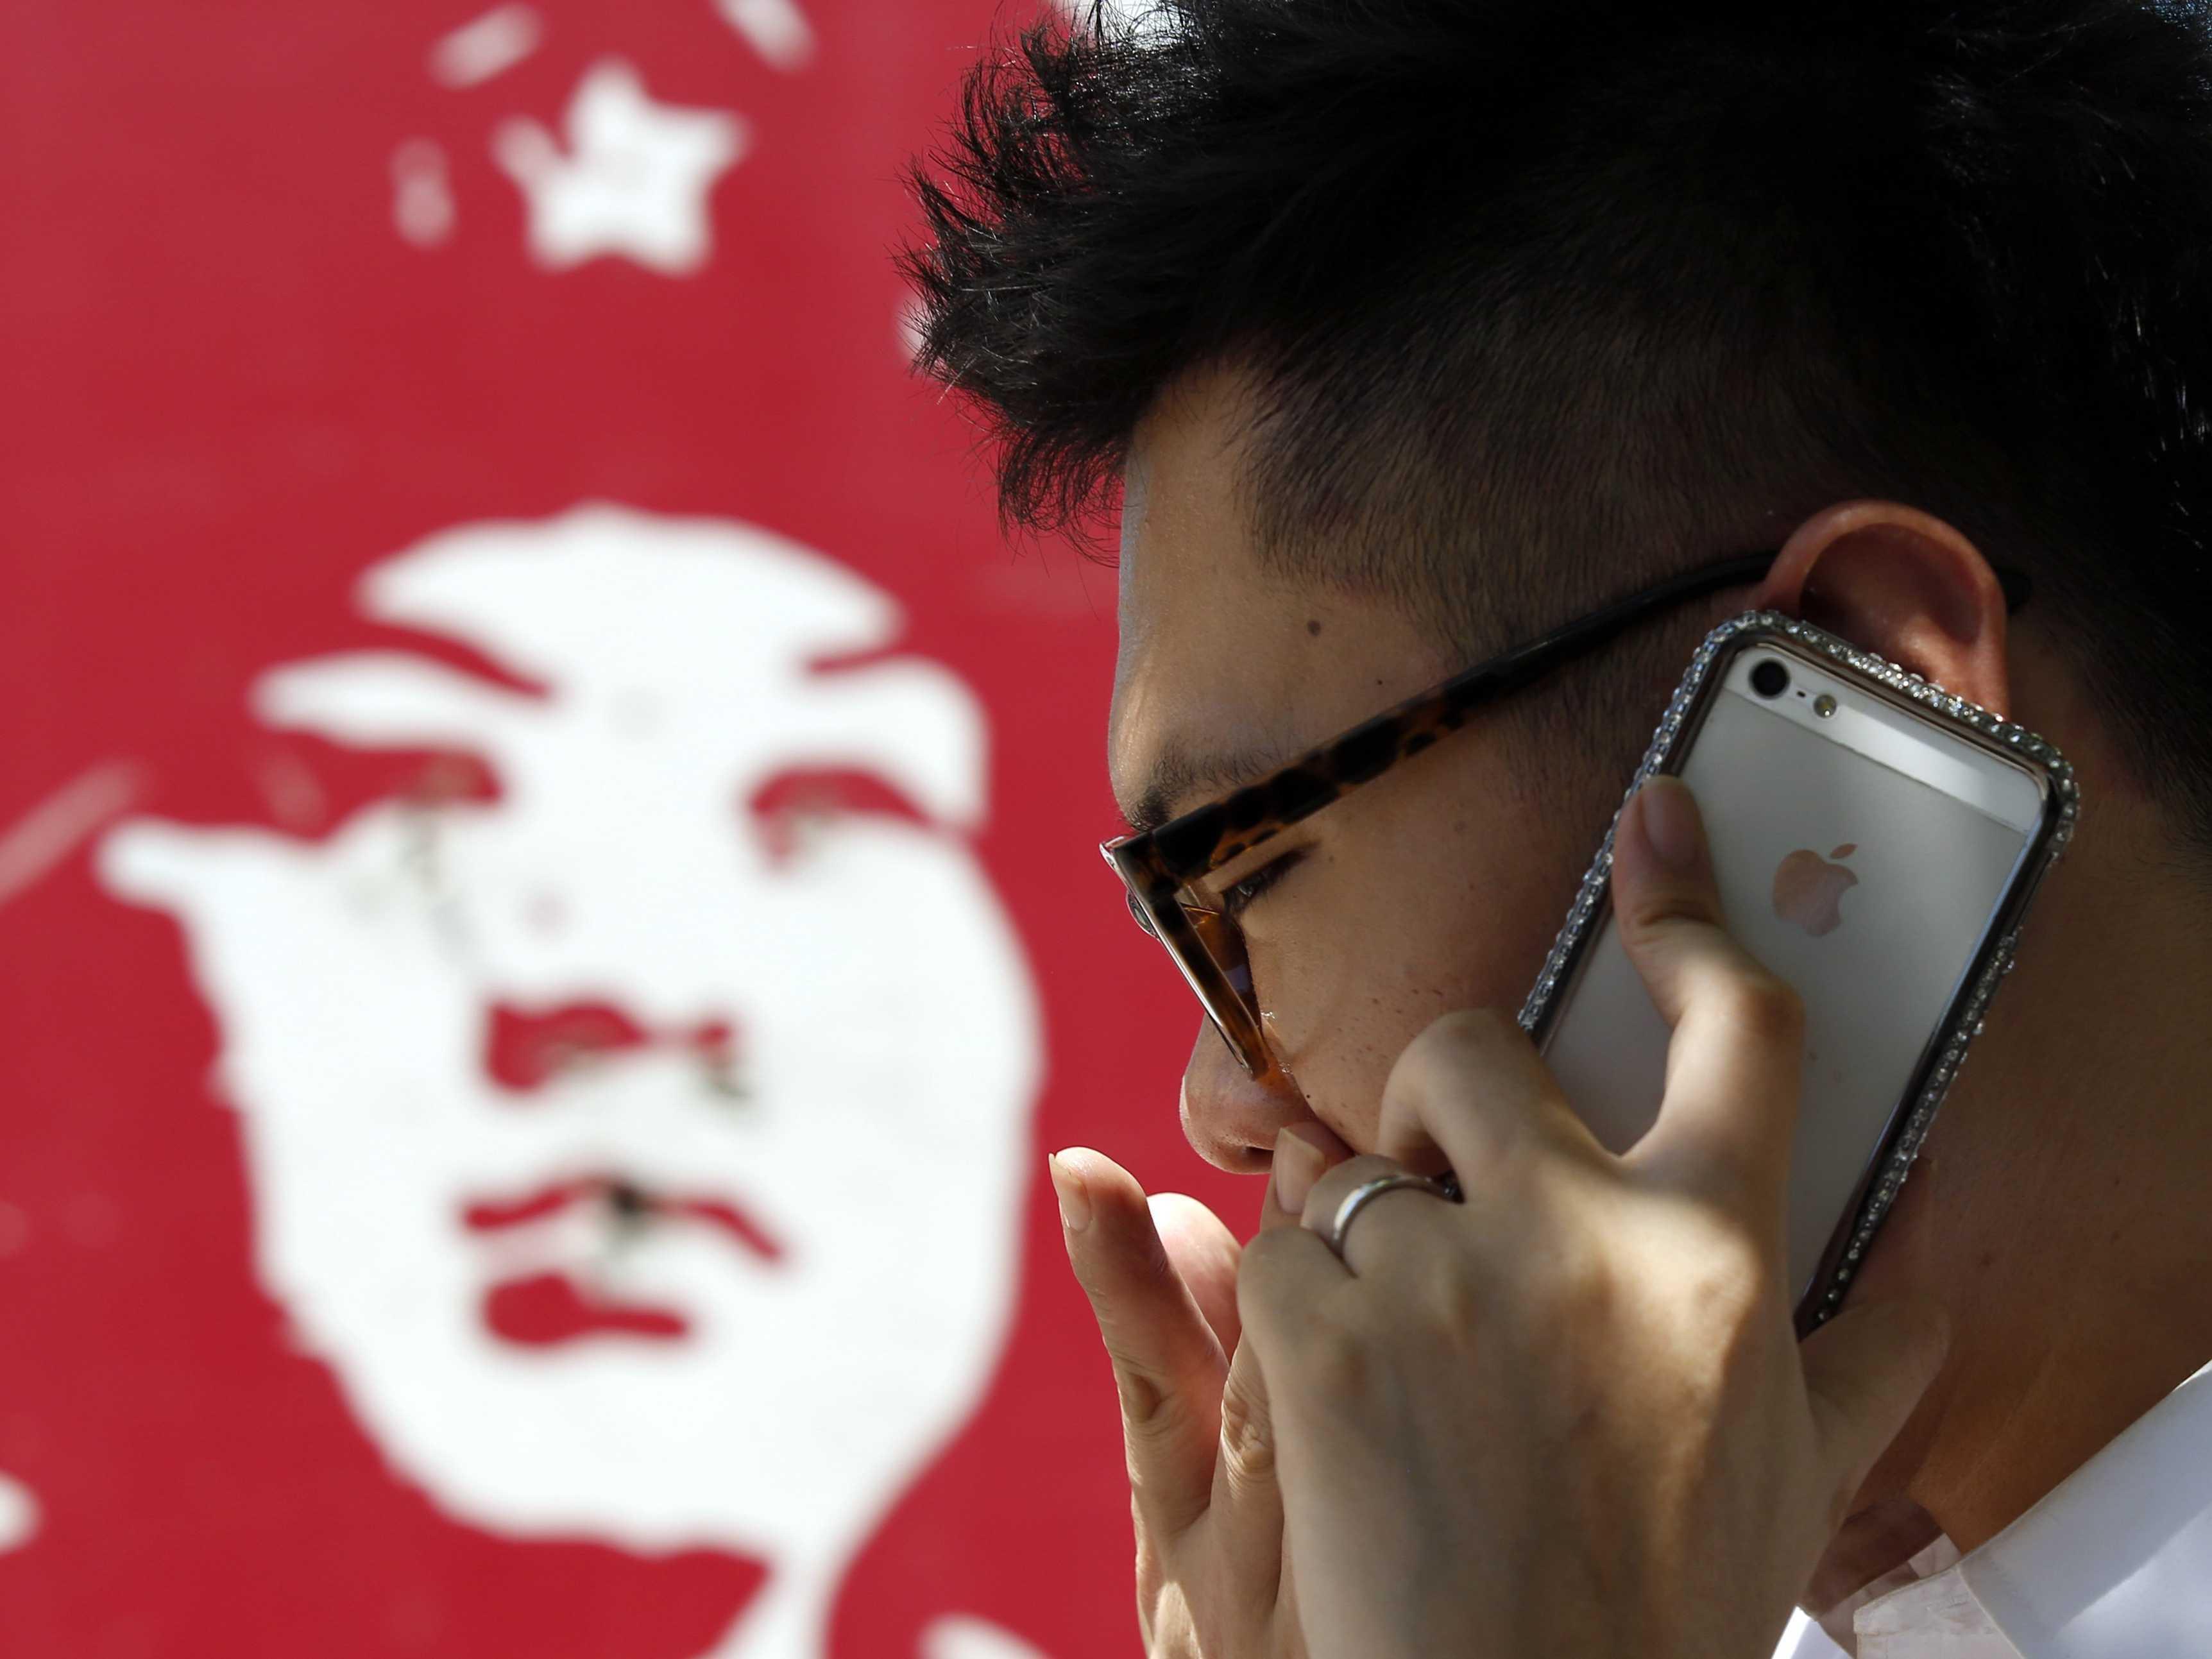 Сша надолго отложили запрет на huawei. слишком велика технологическая зависимость - cnews